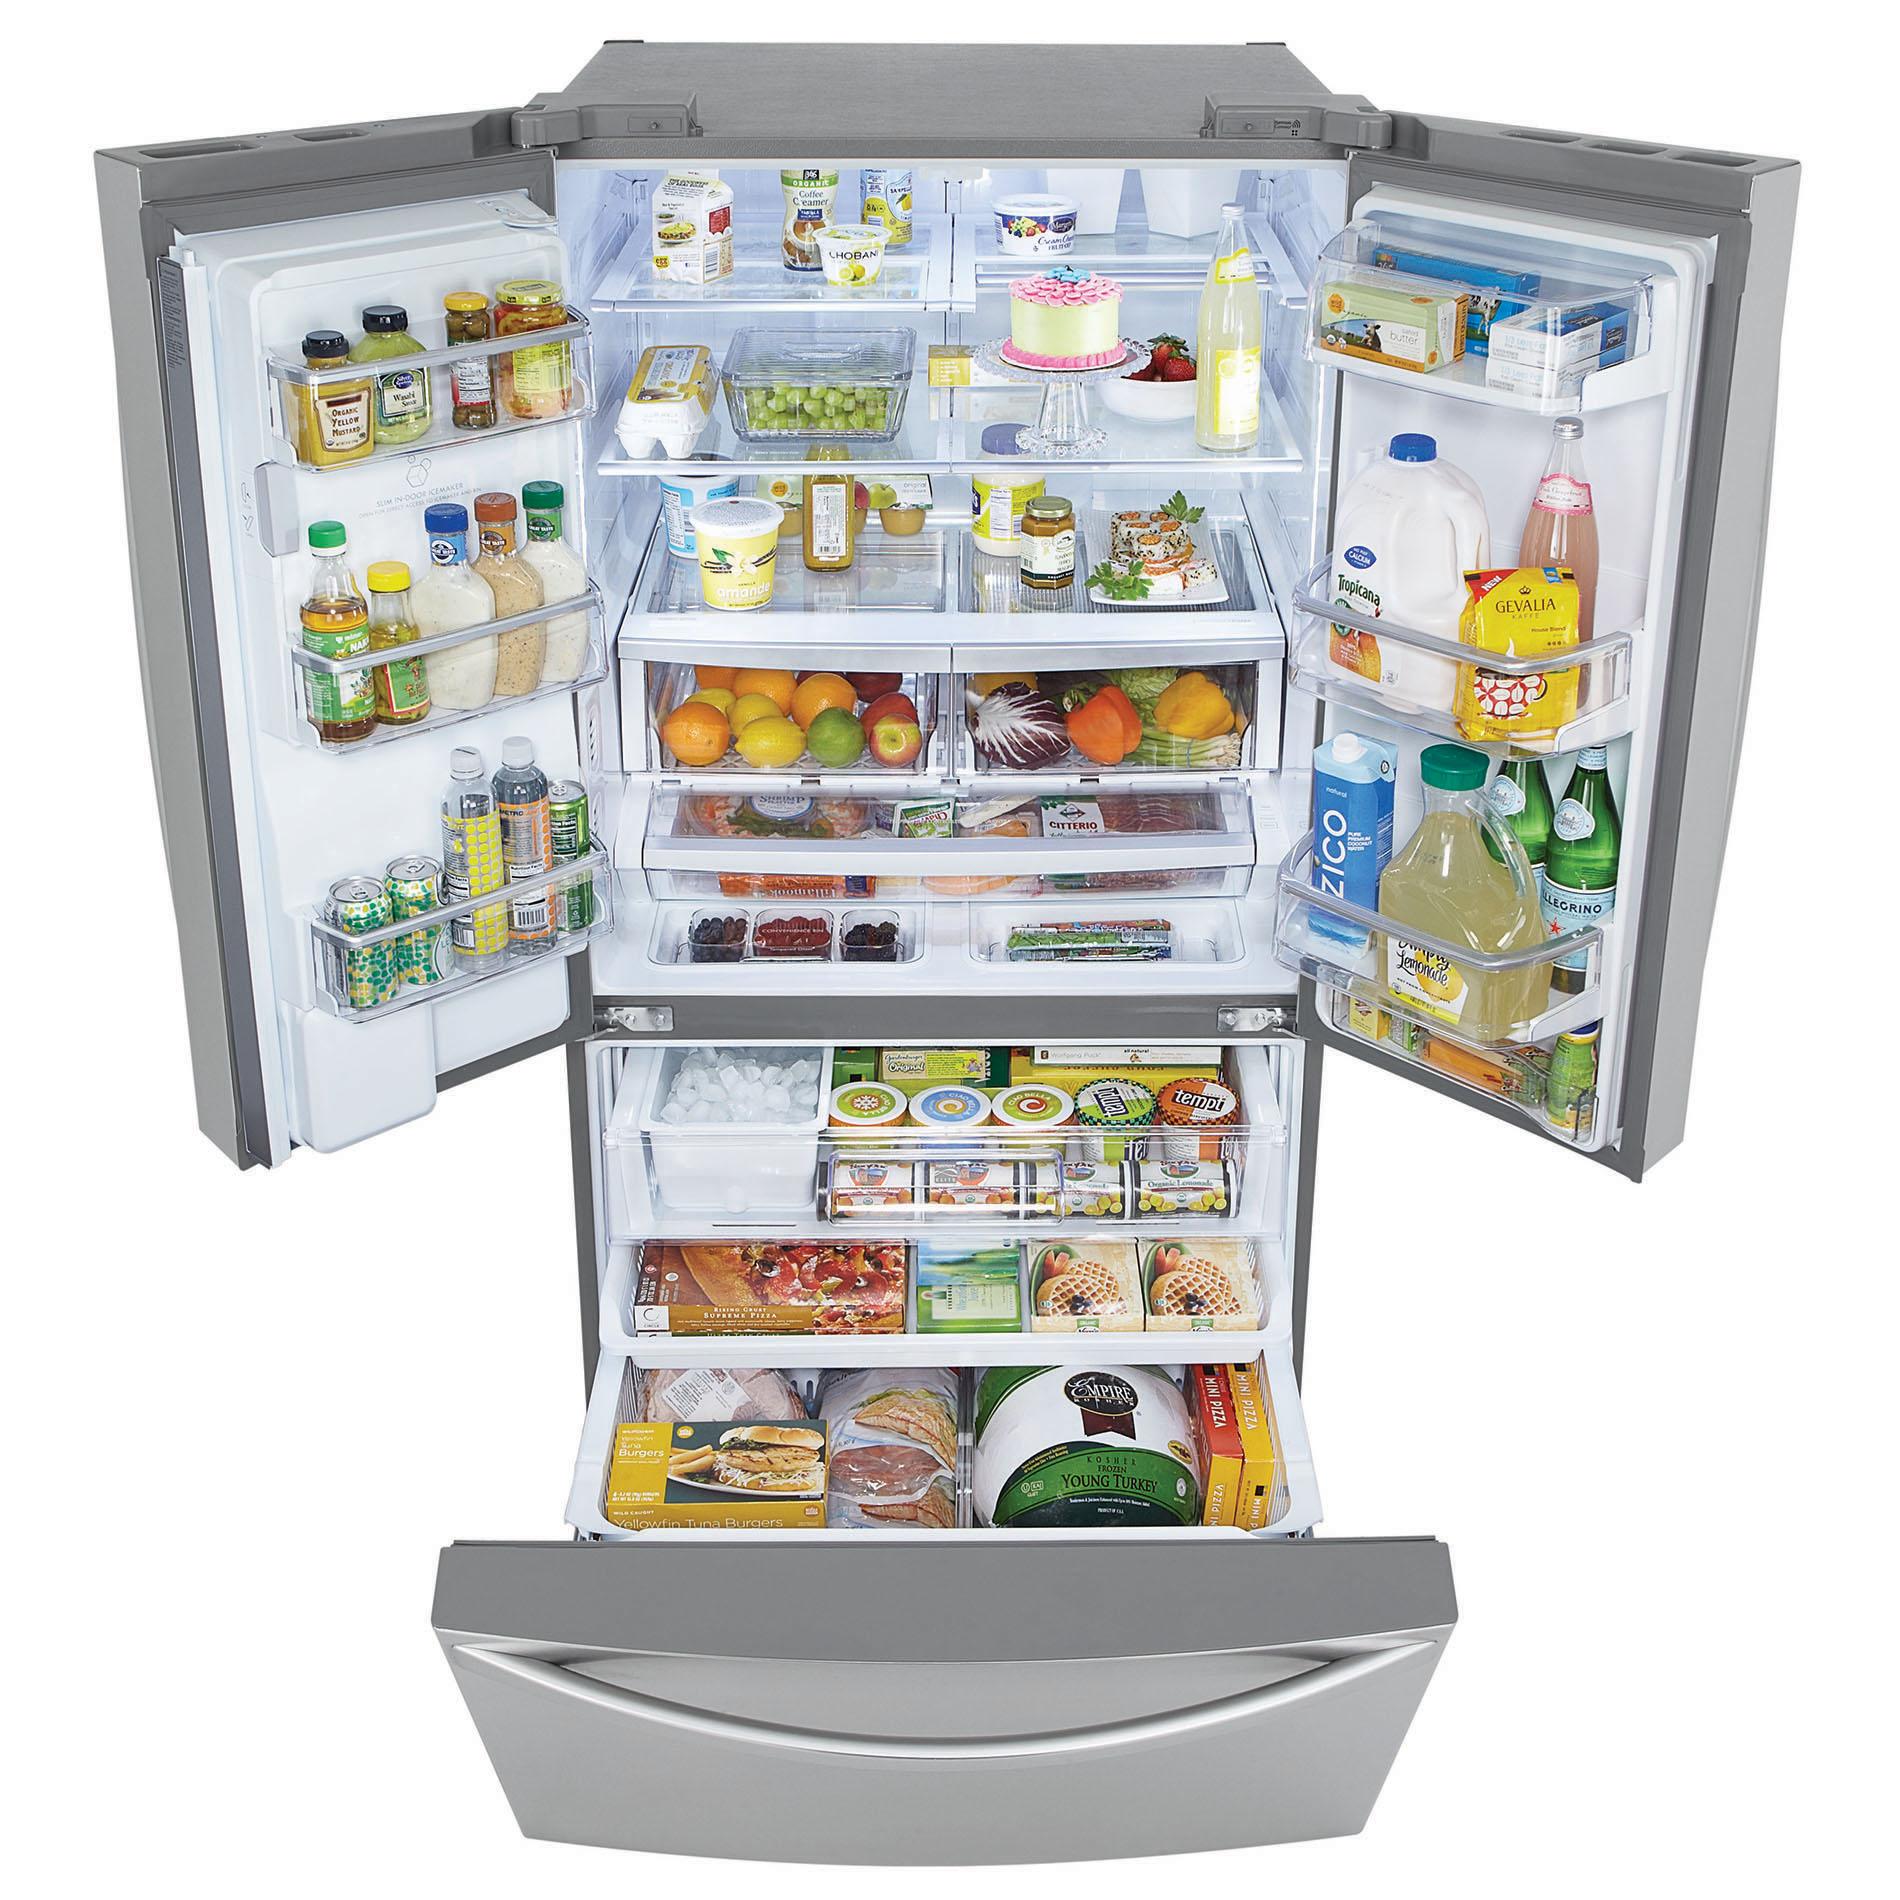 Kenmore Elite 33 cu. ft. French Door Bottom-Freezer Refrigerator - Stainless Steel